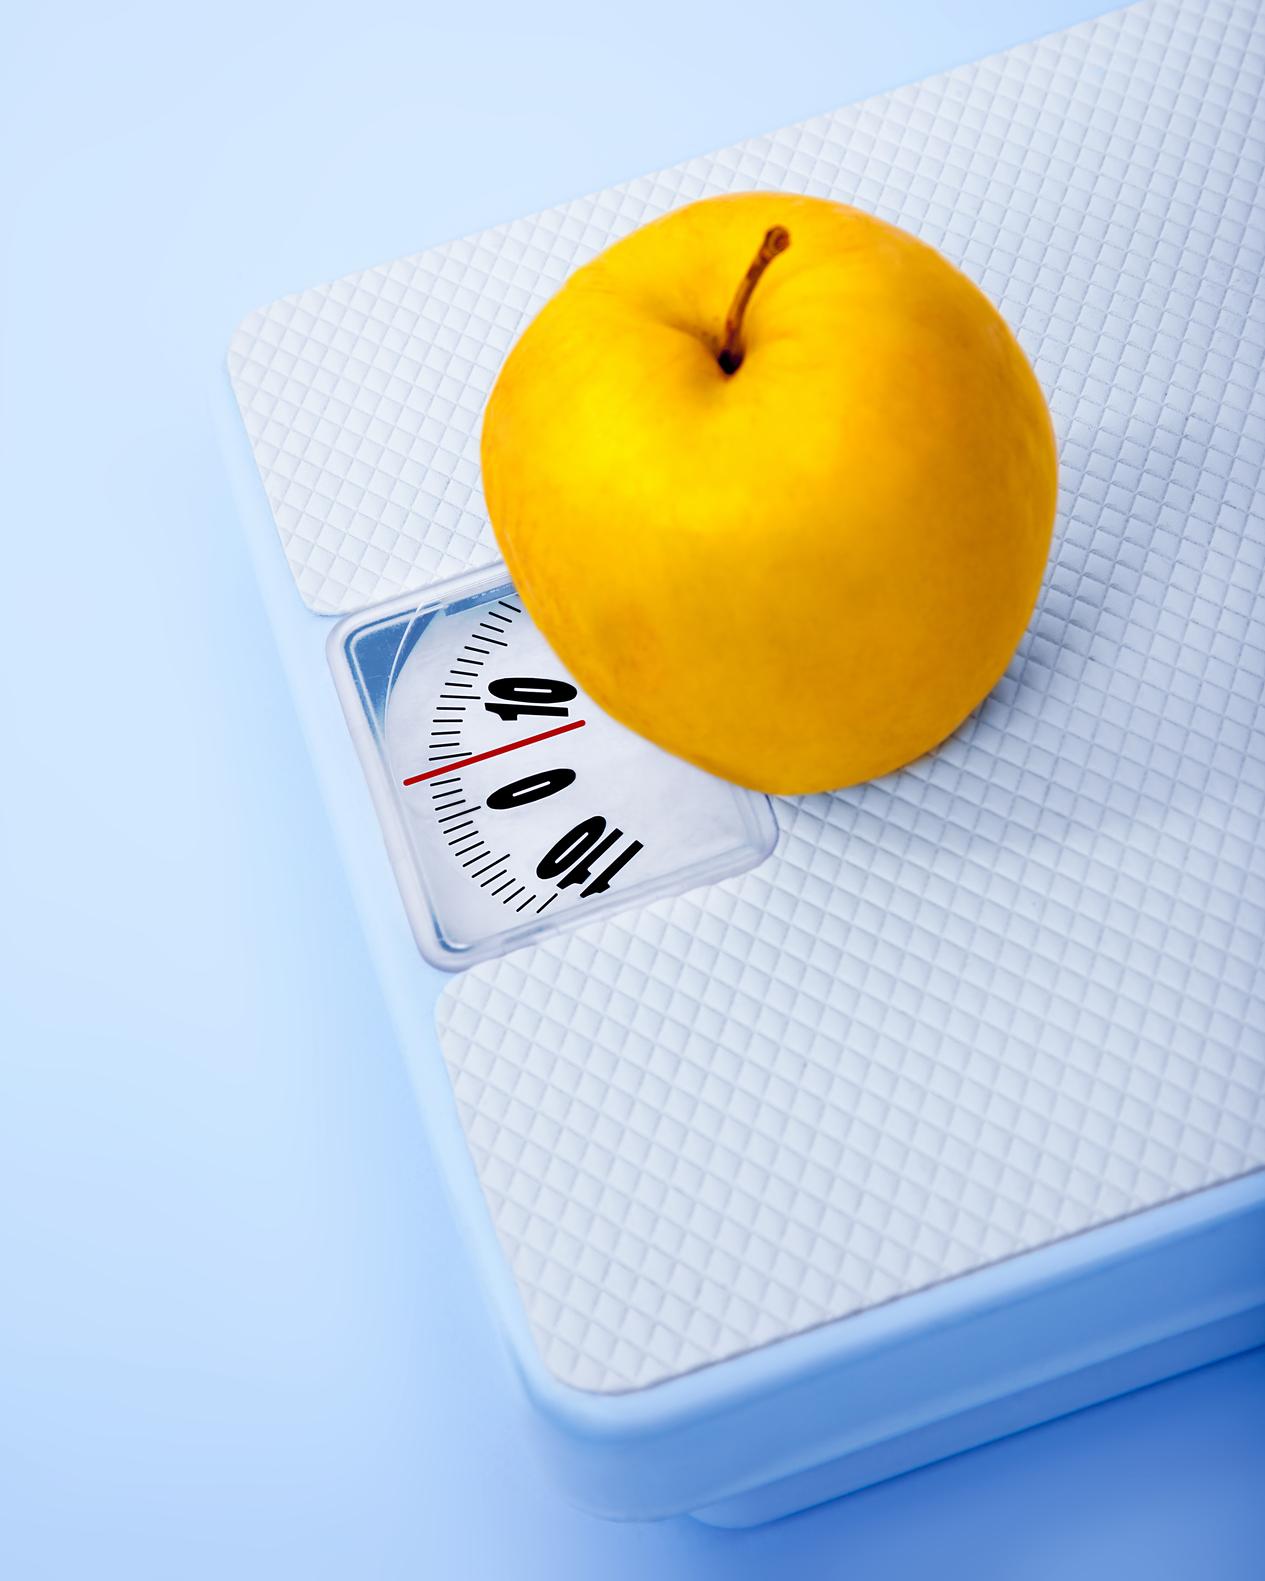 Считать калории в готовых блюдах